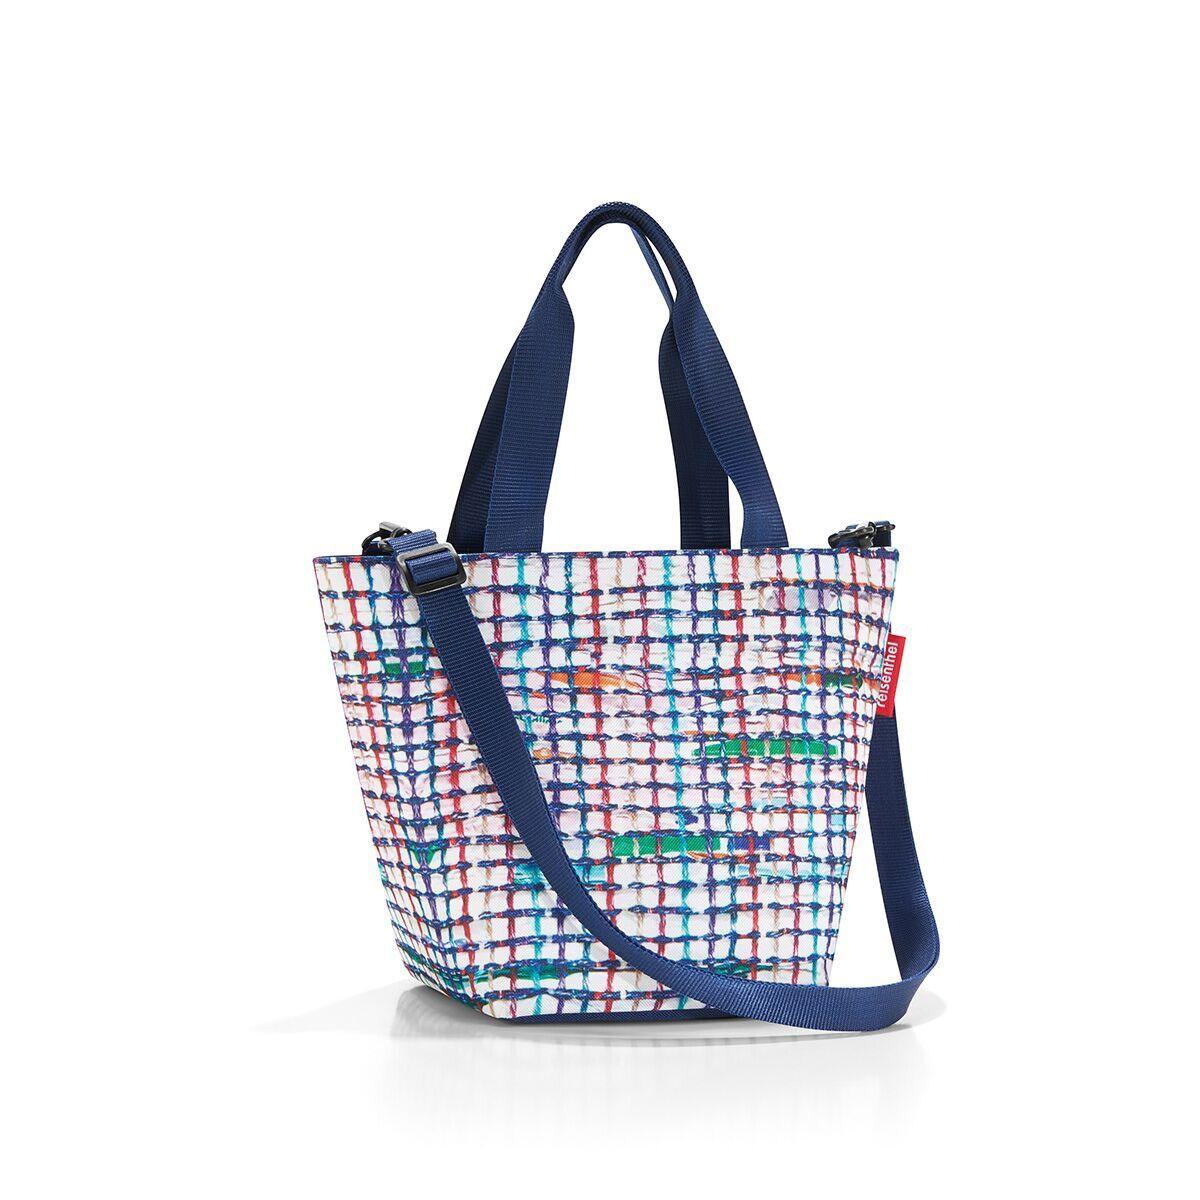 Сумка-шоппер женская Reisenthel, цвет: синий. ZR4041ML597BUL/DУменьшенная версия классической сумки. Симпатичная сумка для похода в магазин: широкие удобные лямки распределяют нагрузку на плече, а объем 4 литра позволяет вместить необходимый батон хлеба, пакет молока и другие вкусности. Застегивается на молнию. Внутри - кармашек на молнии для мелочей. Две ручки плюс ремешок с регулируемой длиной. Специальное уплотненное днище для стабильности. Серия special edition - это лимитированные модели сумок с уникальными принтами. Сочетают расцветки разных коллекций, а также имеют вышивку и аппликацию.